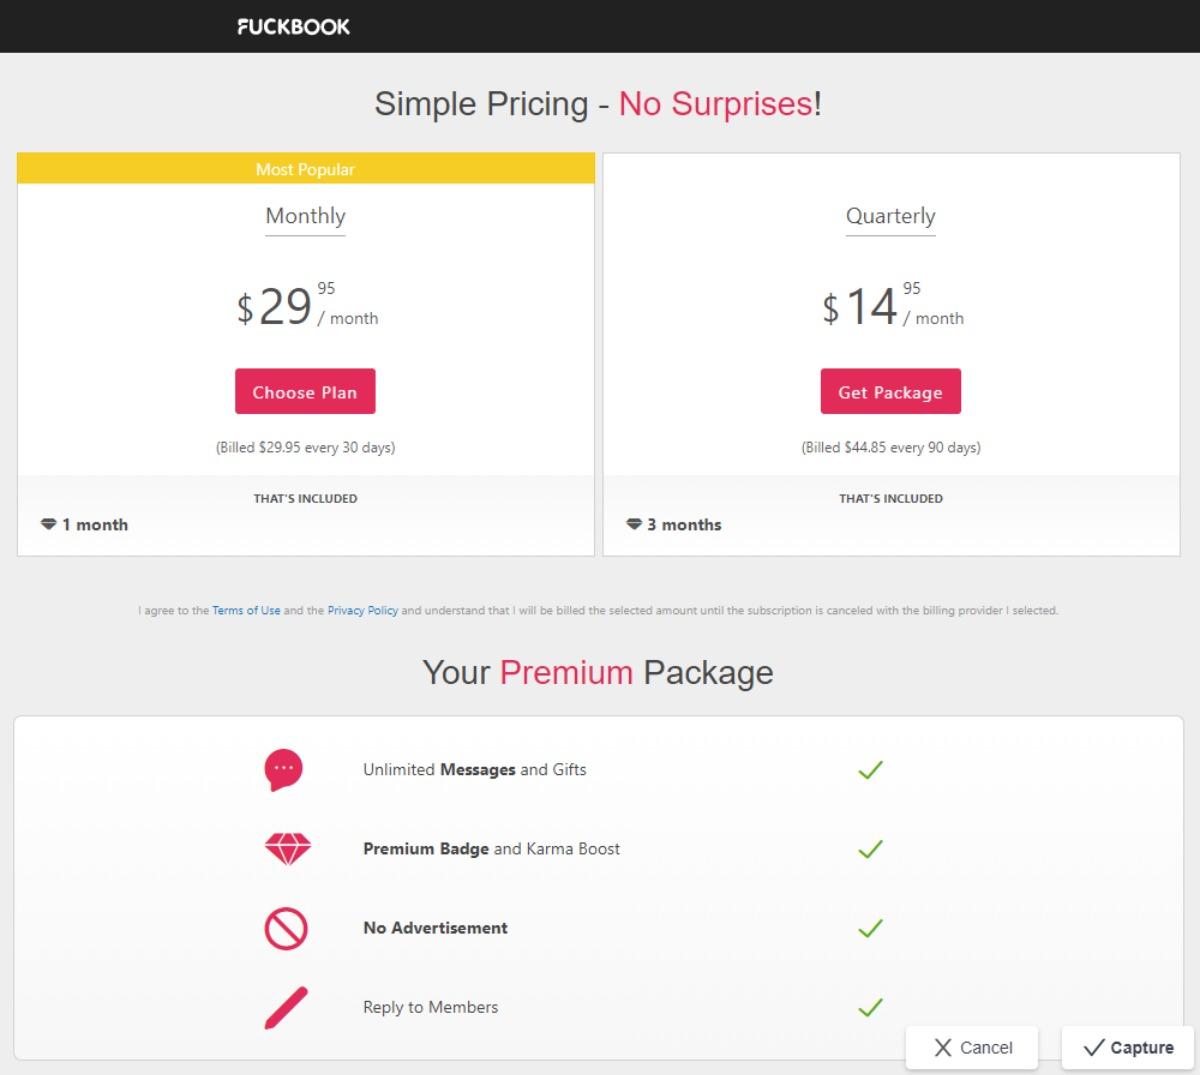 Fuckbook Price Premium